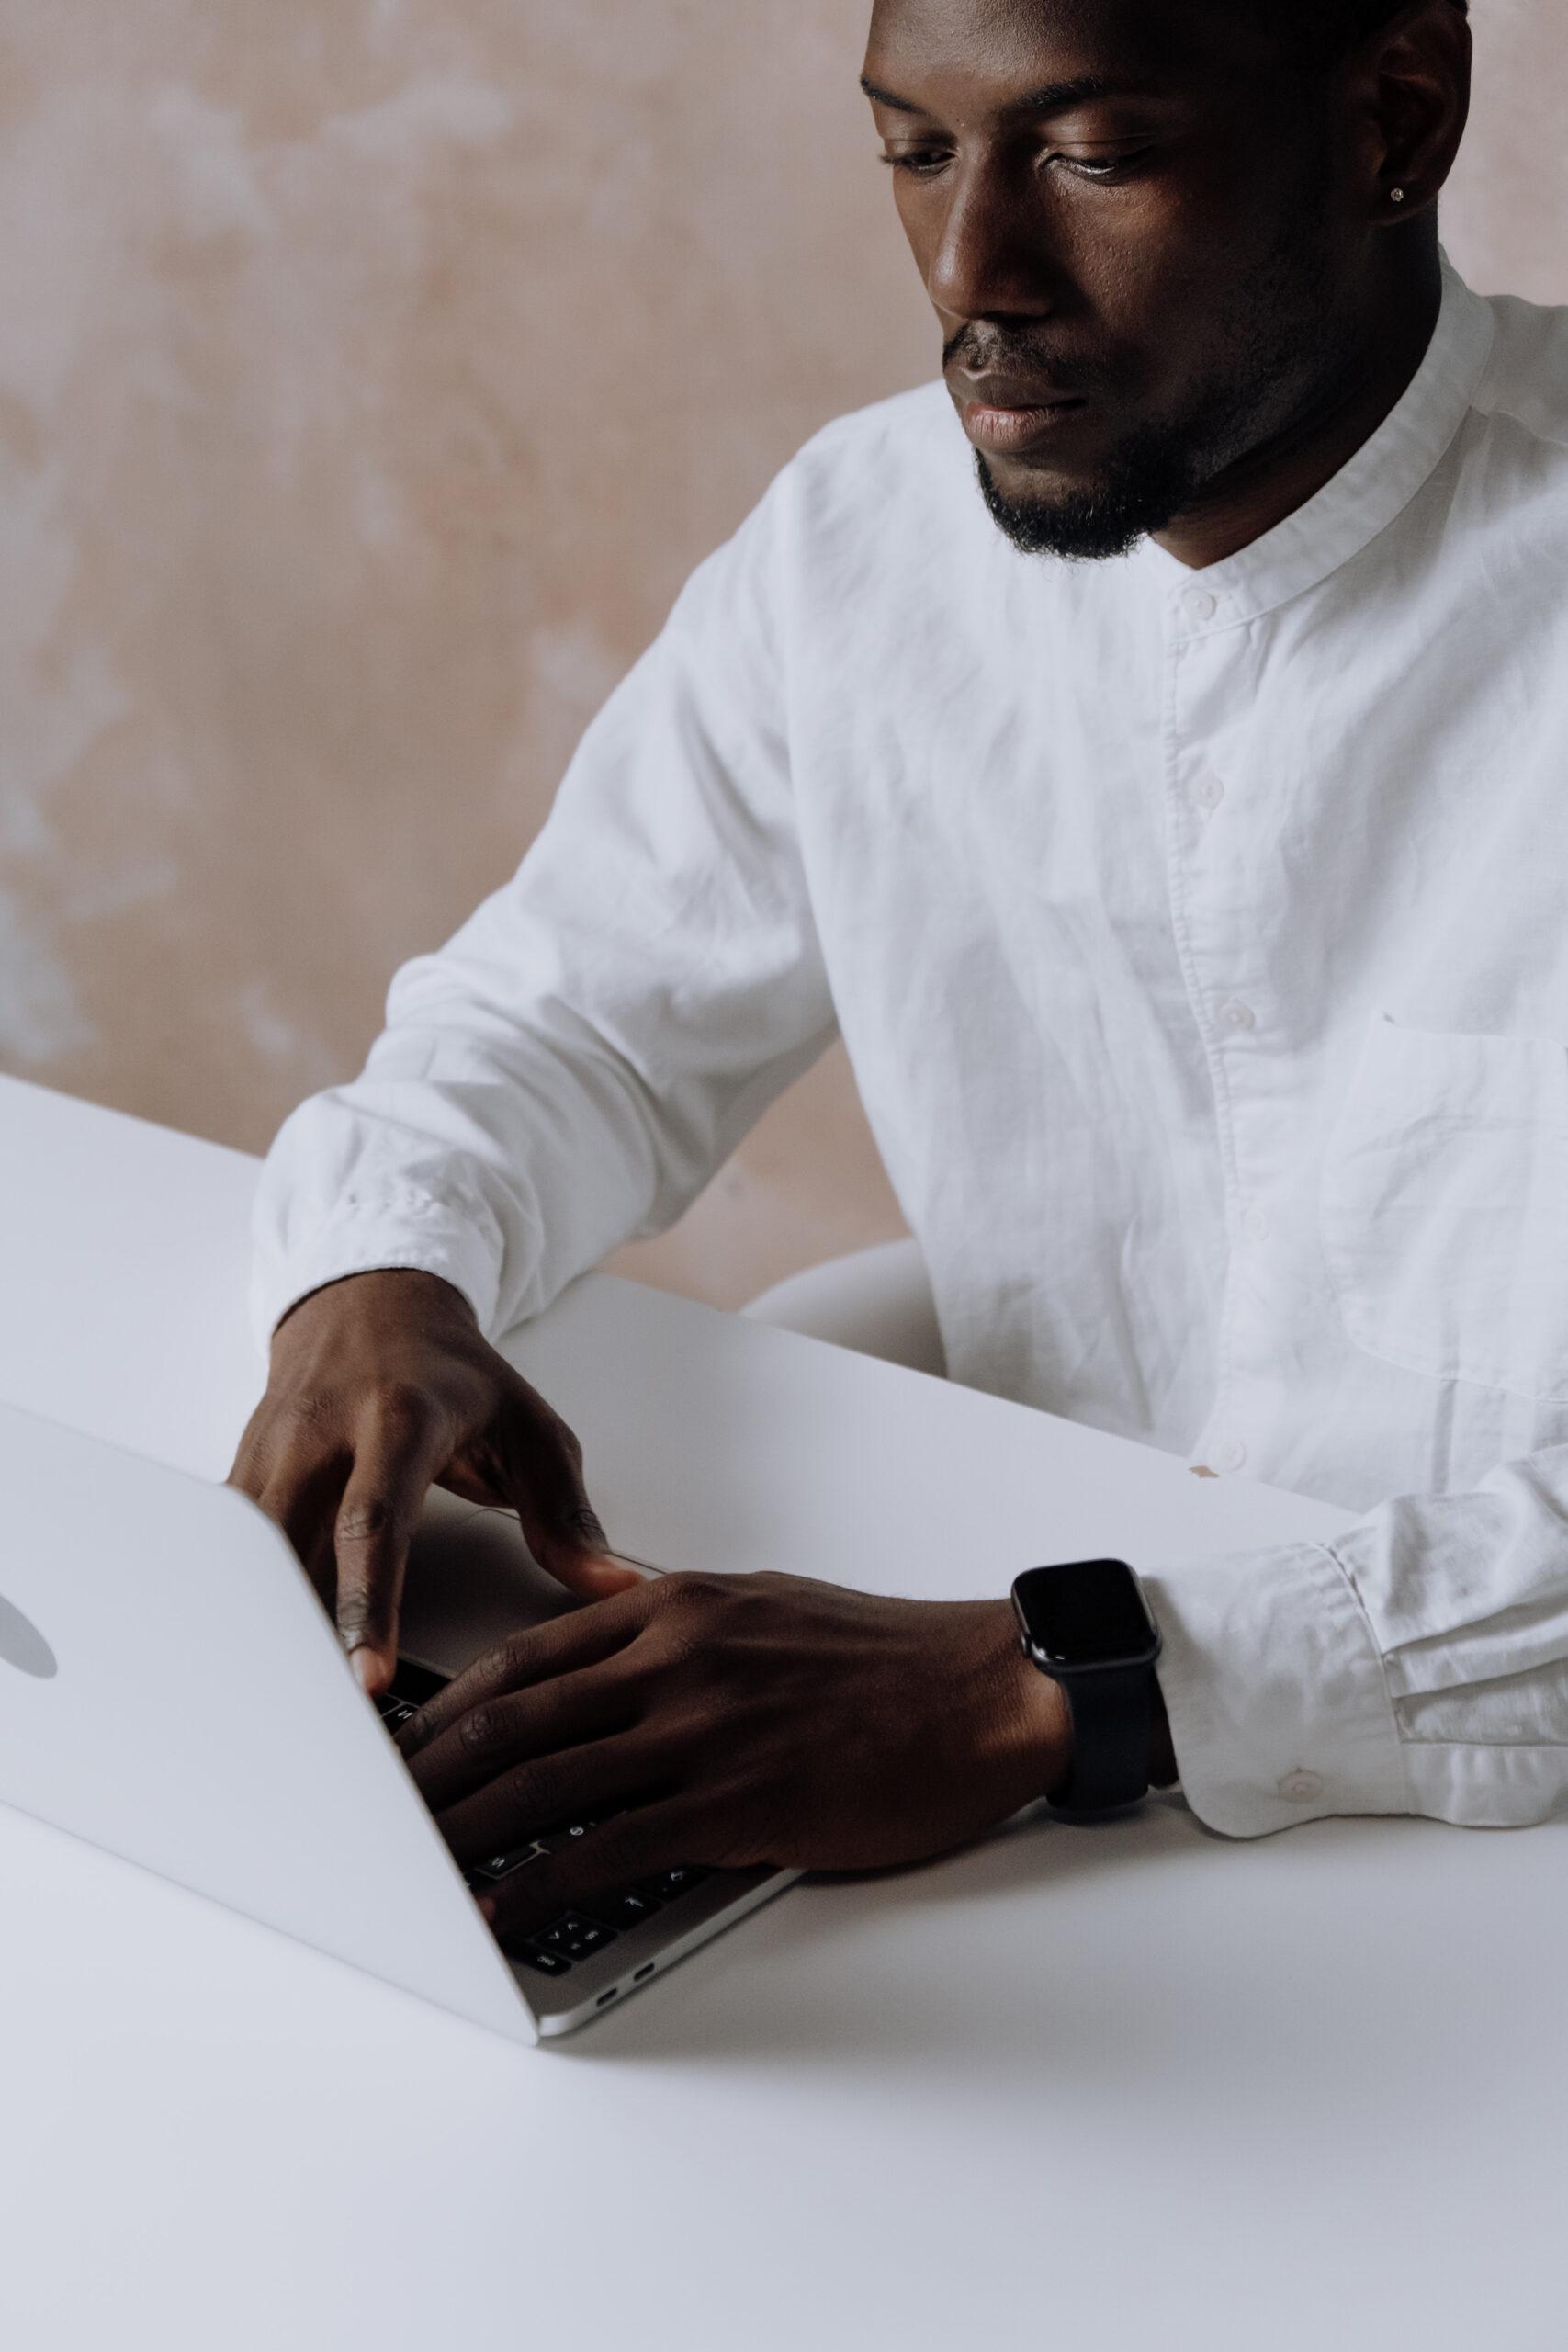 man-working-on-his-laptop